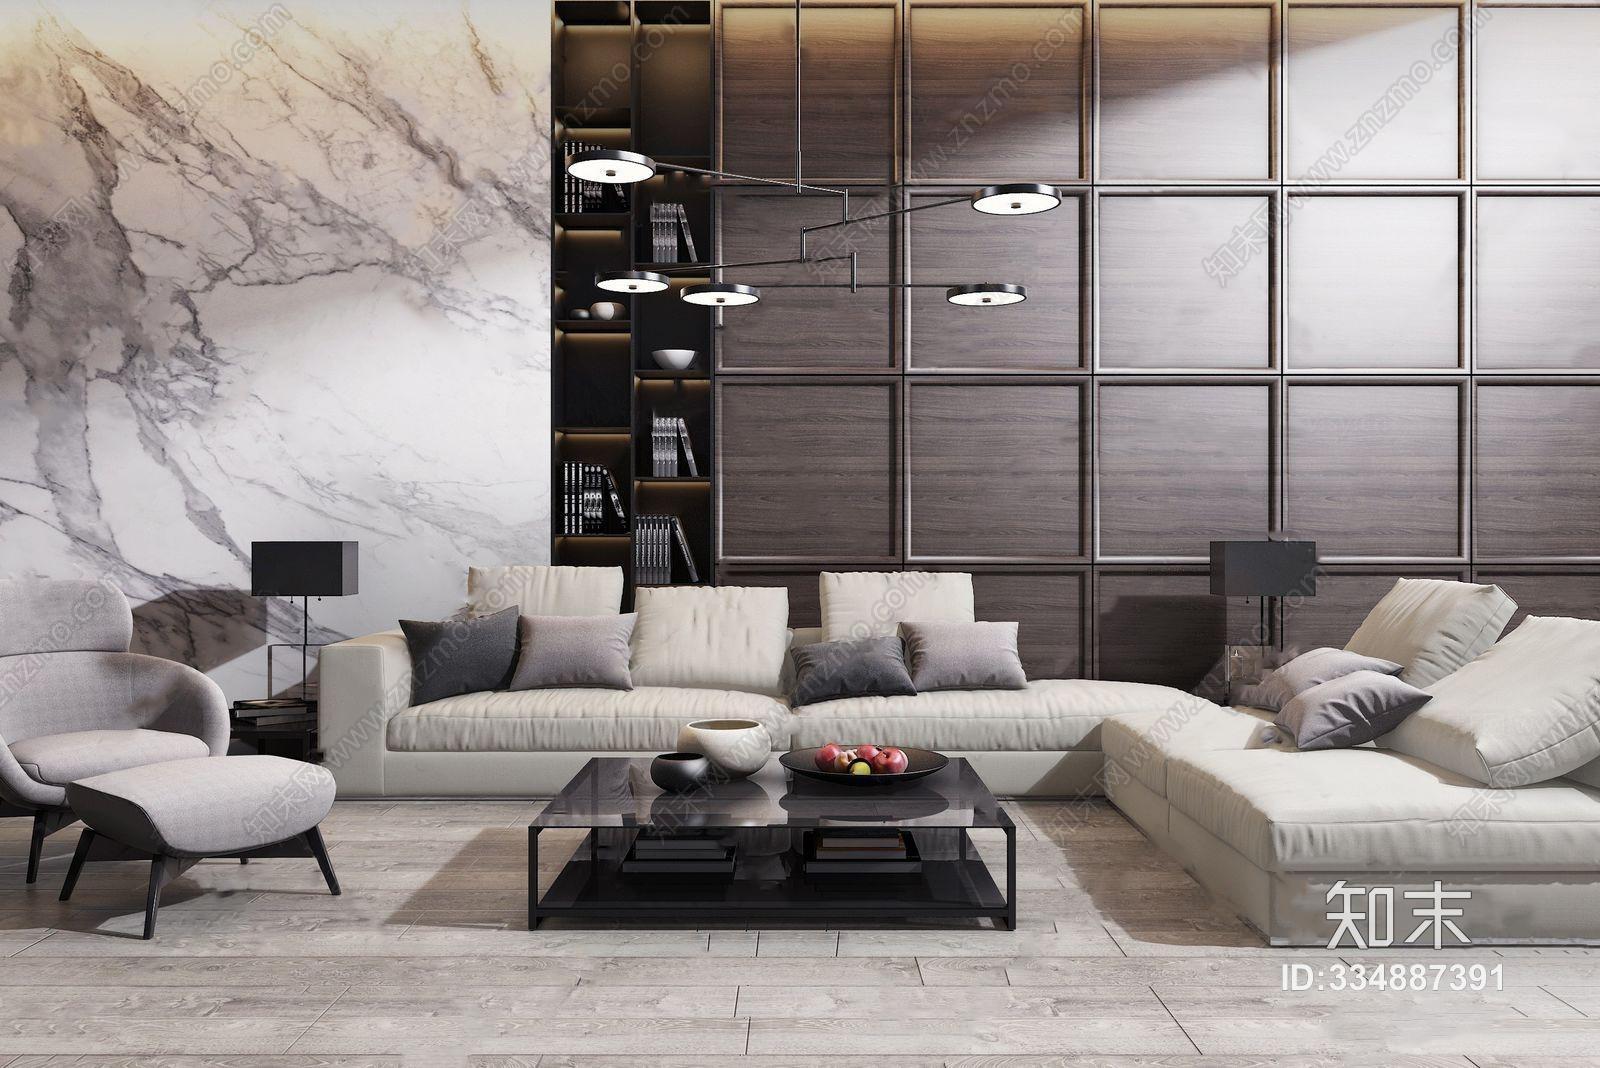 现代沙发茶几组合 现代沙发茶几组合 转角沙发 茶几 台灯 边几 单人沙发 布艺沙发 水果 吊灯